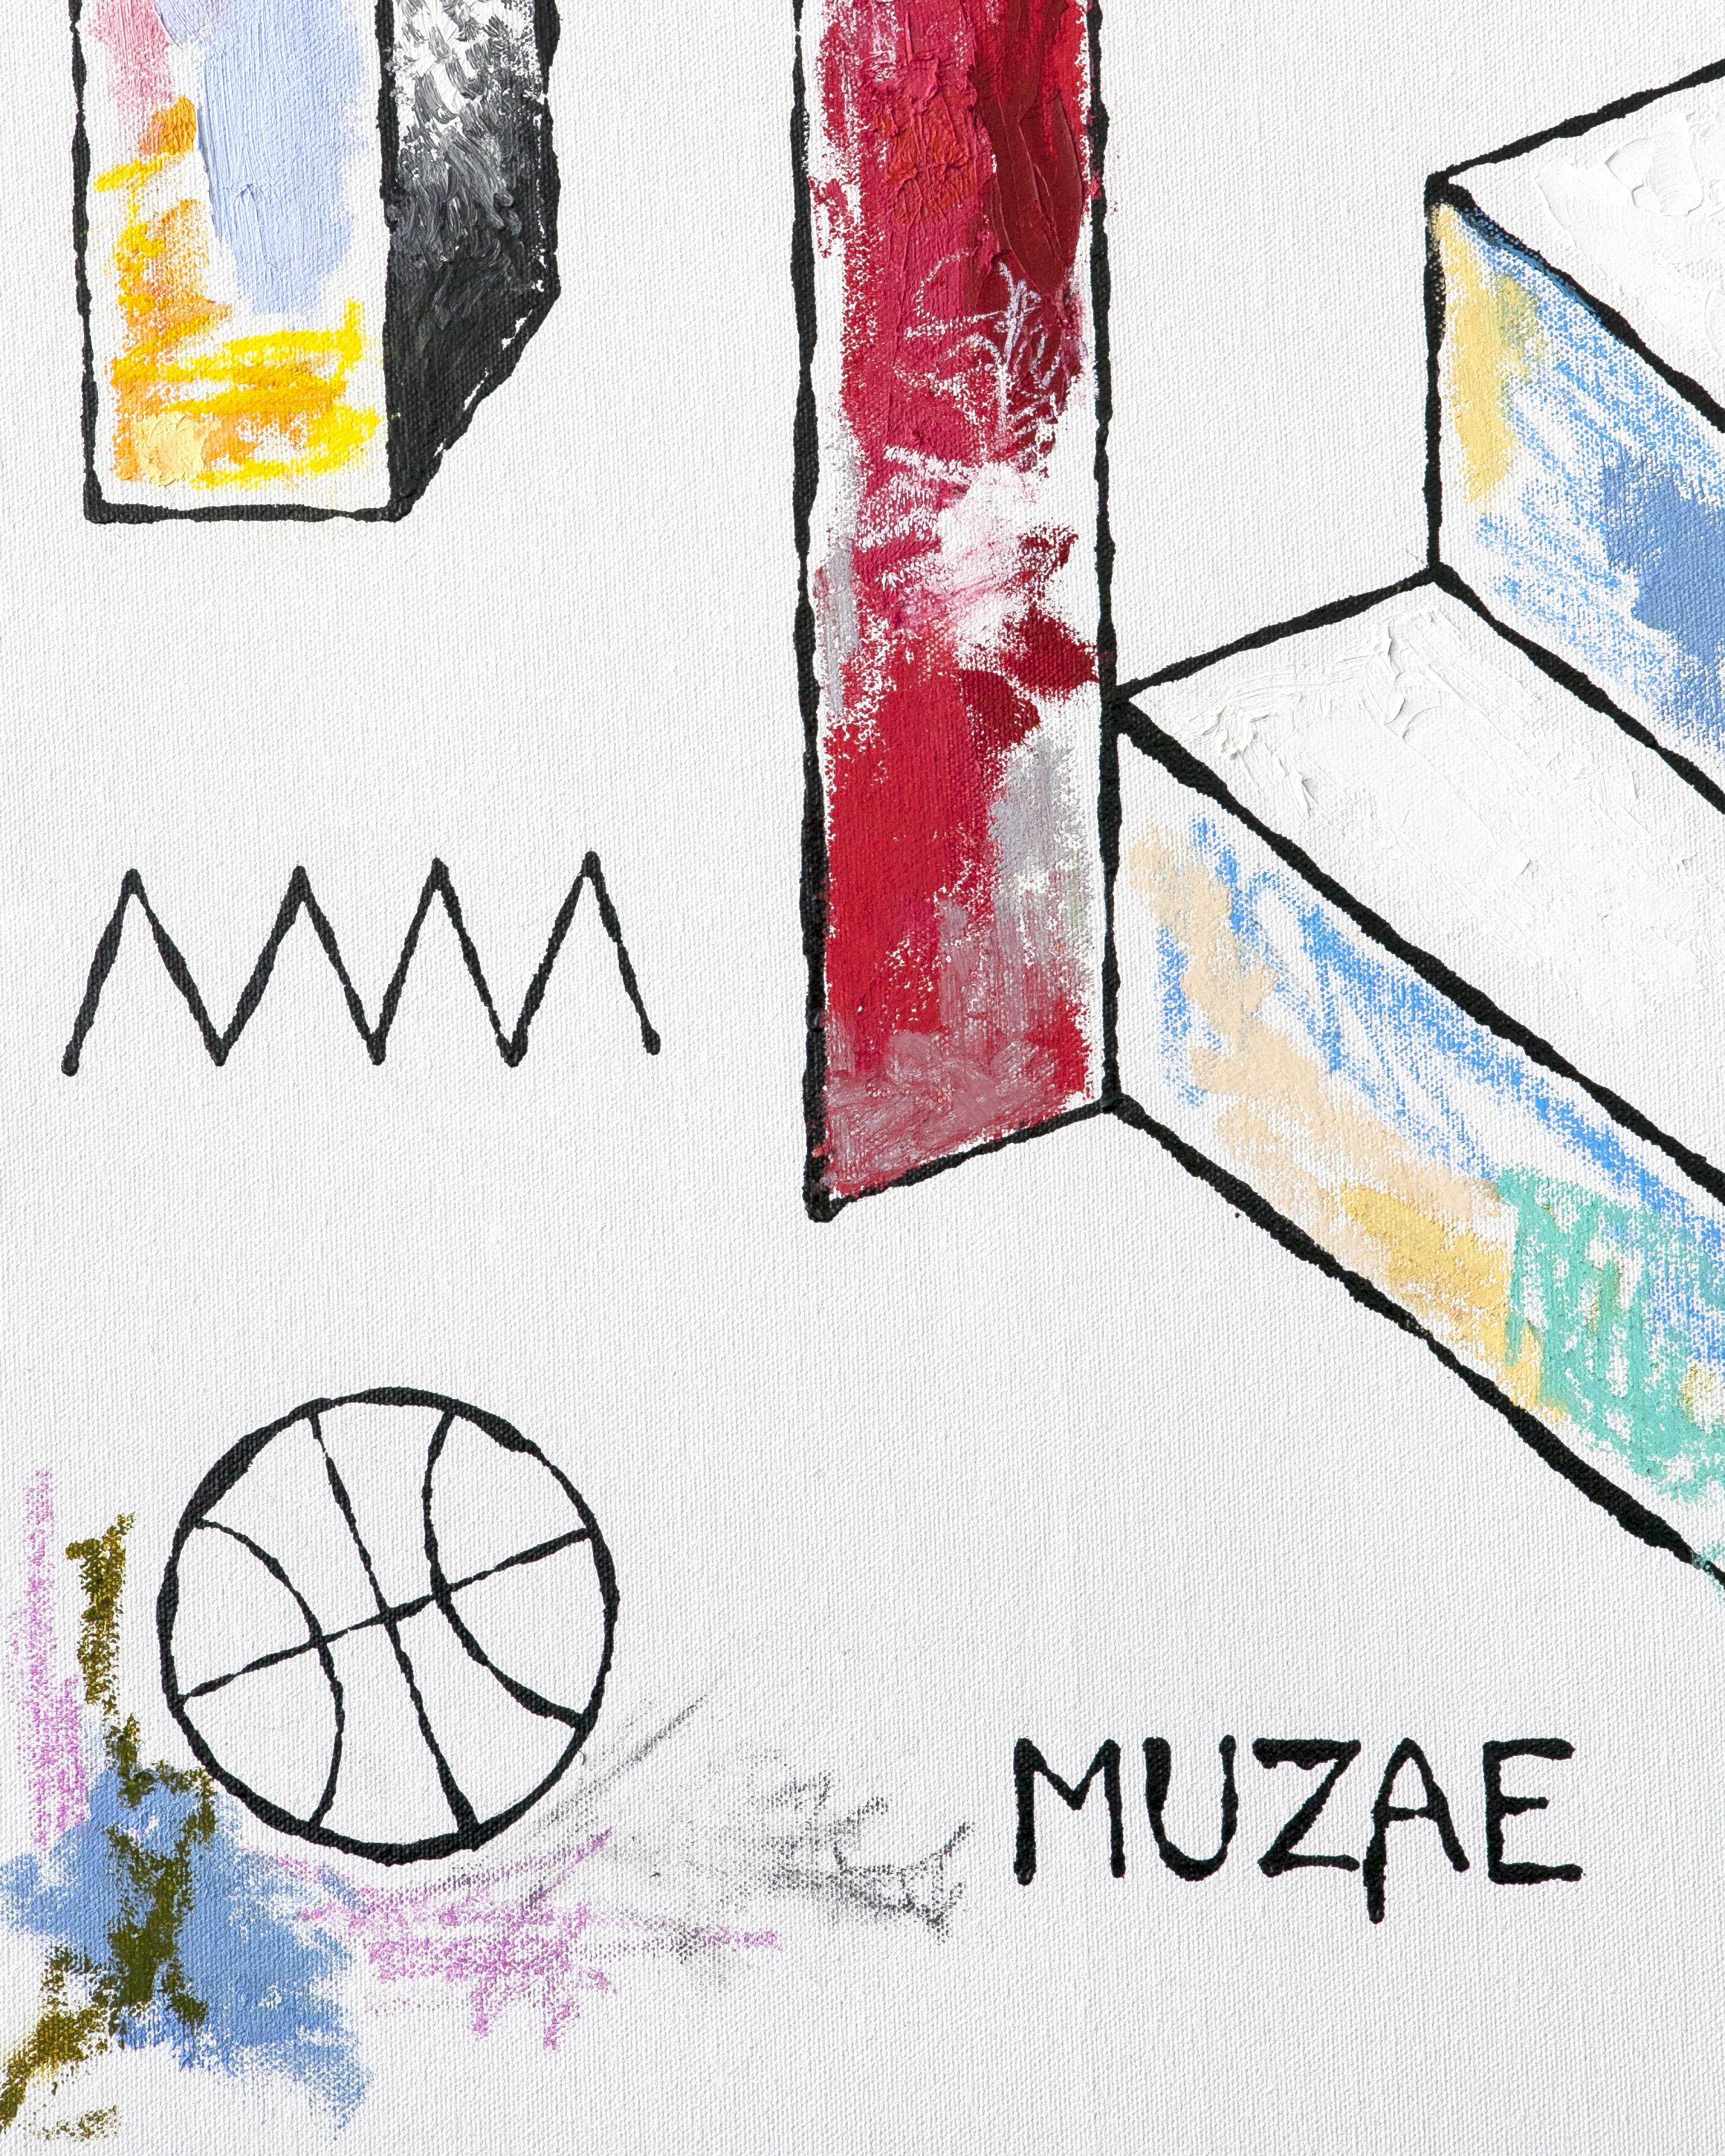 muzae_1_4.jpg